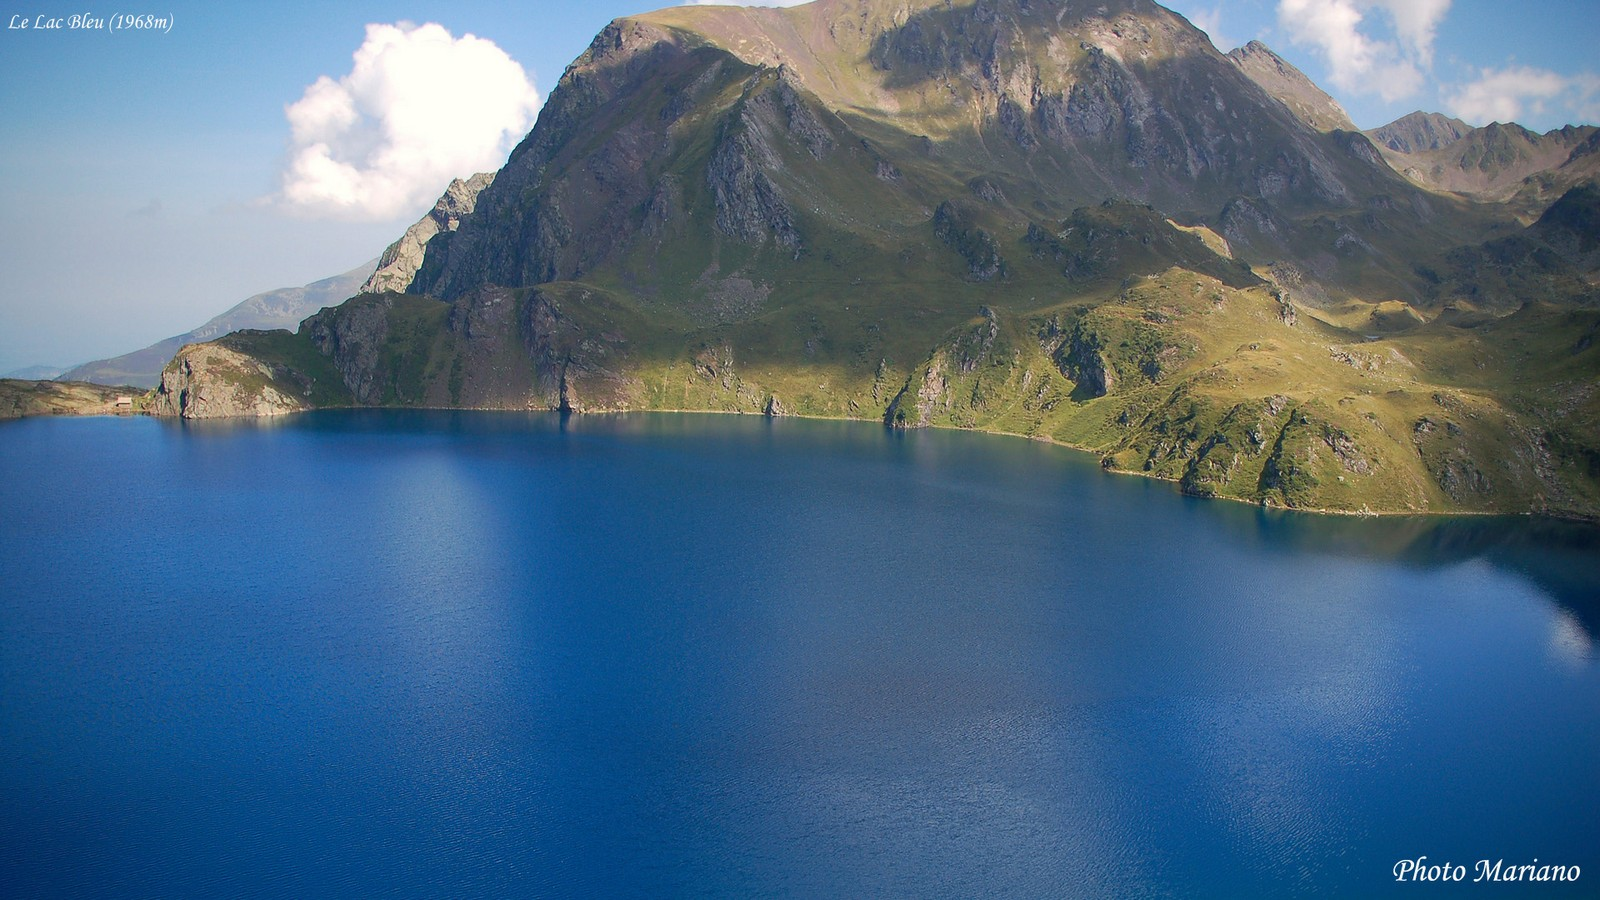 Les-Lacs-des-Pyrenees_058